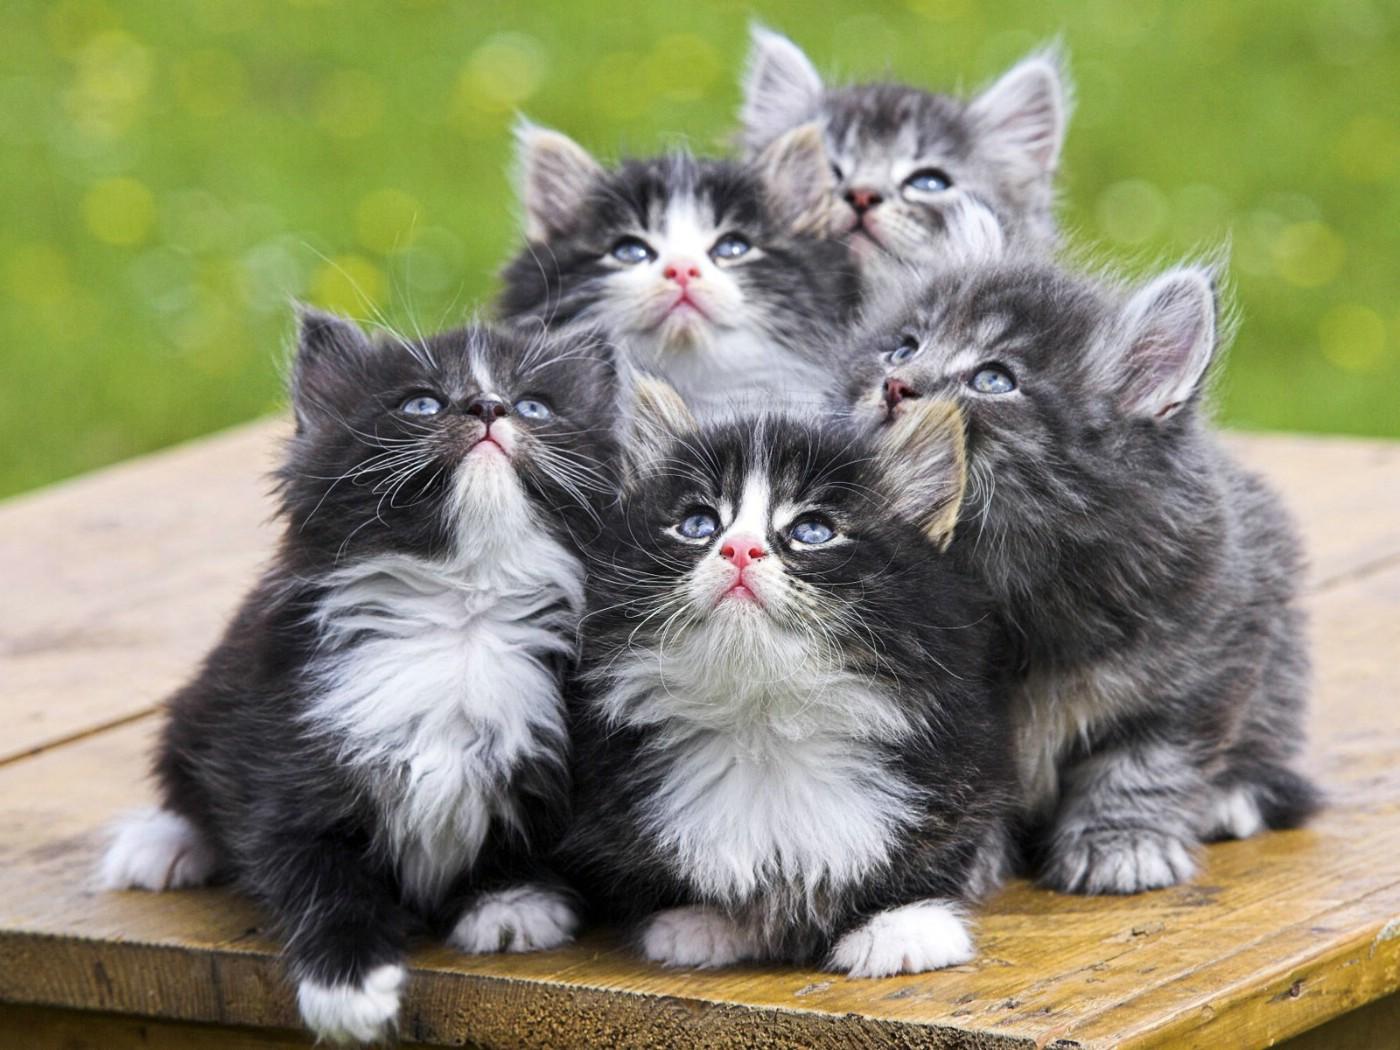 挪威森林小猫图片展示图片